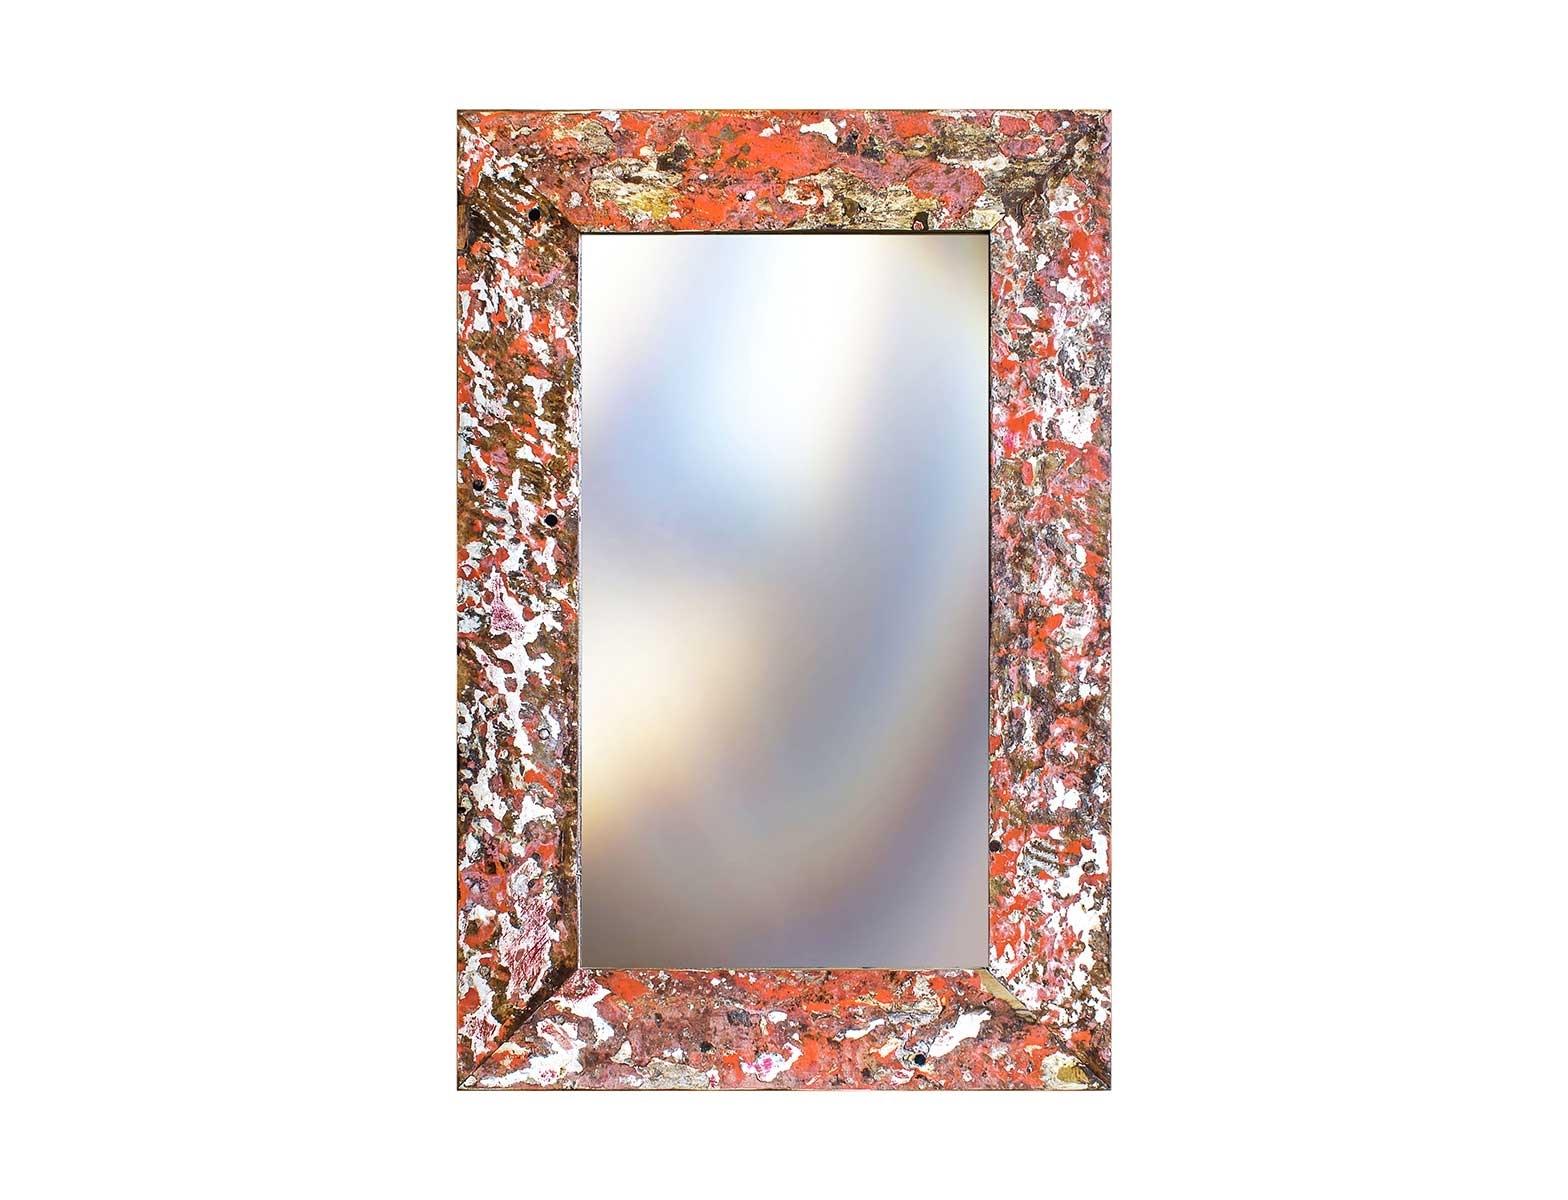 Зеркало Свет мой зеркальцеНастенные зеркала<br>Зеркало выполнено из фрагментов настоящего рыболовецкого судна, возраст которого 20-40 лет. Окрас сохранён оригинальный.<br><br>Material: Тик<br>Ширина см: 80<br>Высота см: 120<br>Глубина см: 3